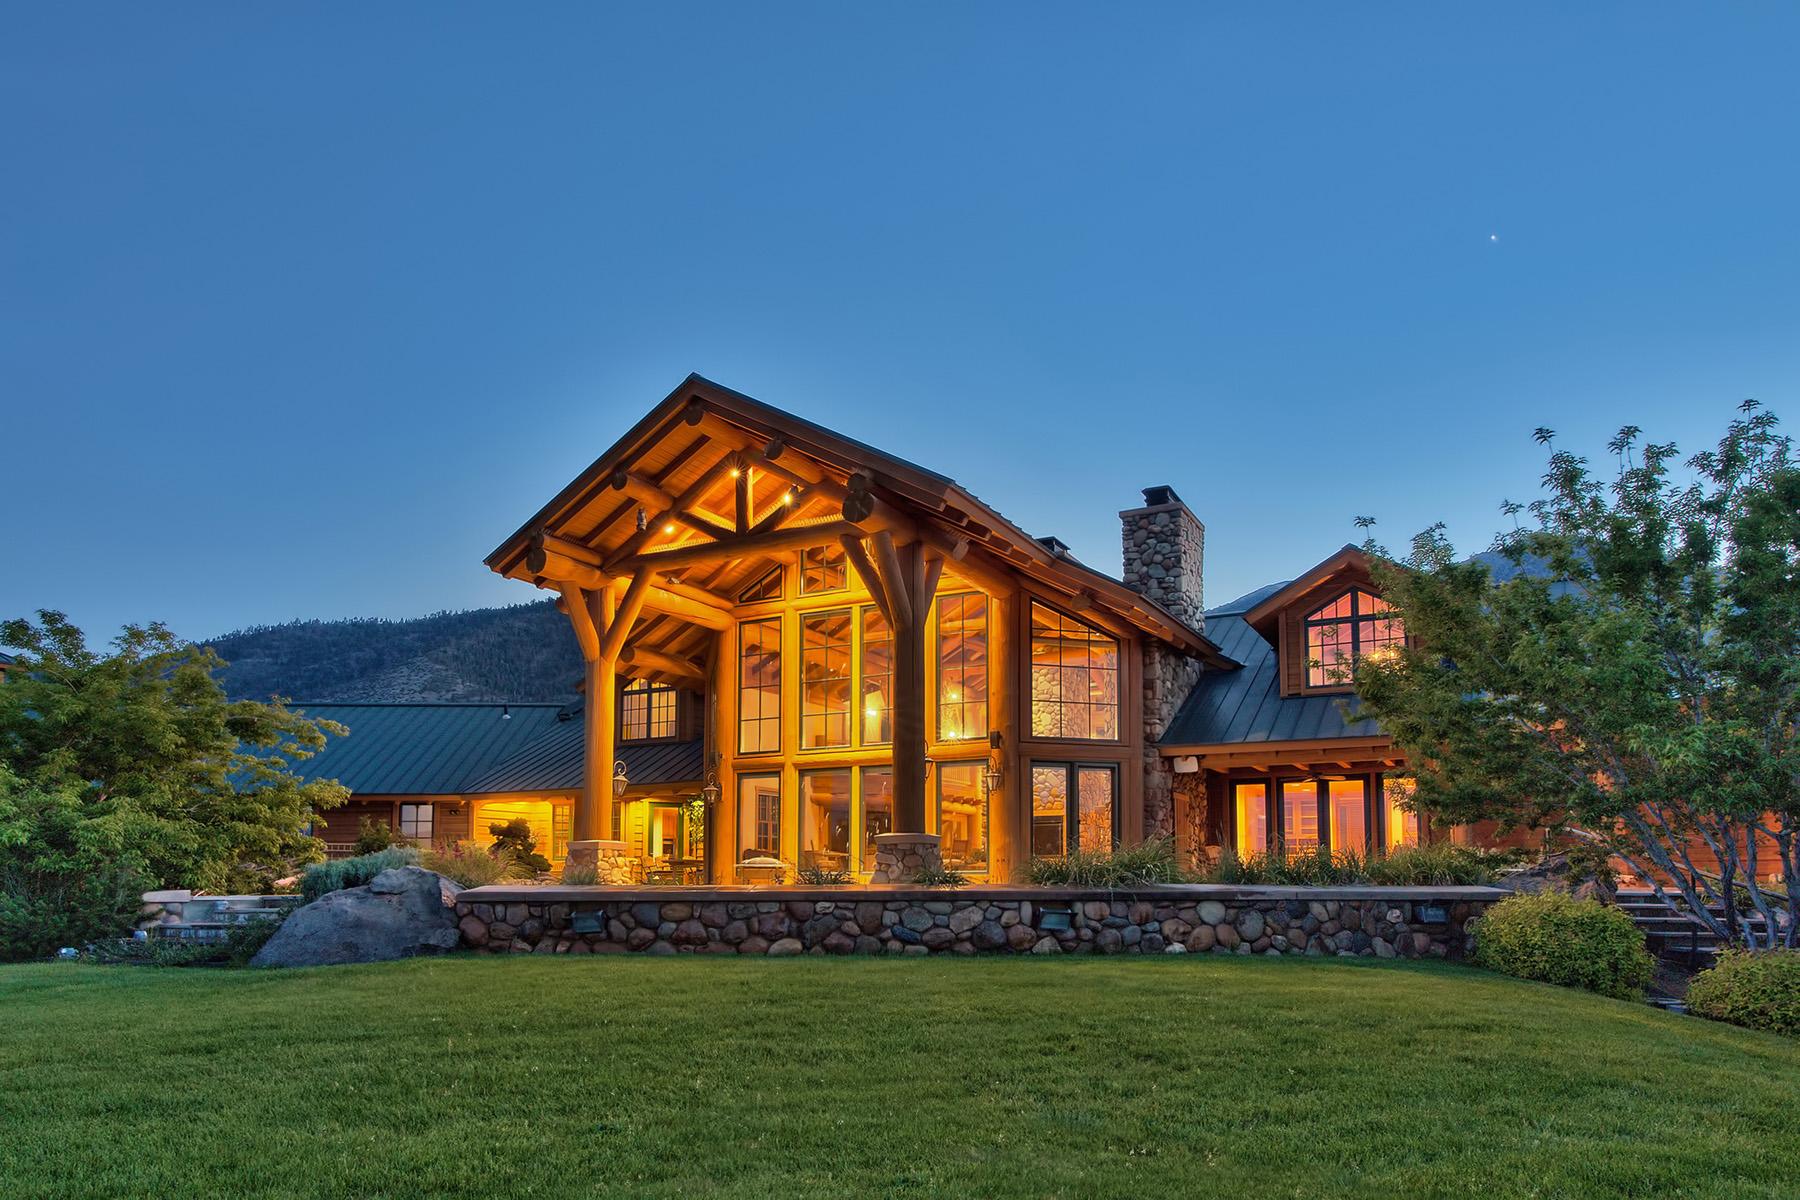 独户住宅 为 销售 在 281 Fredericksburg Road Gardnerville, 内华达州 89460 美国